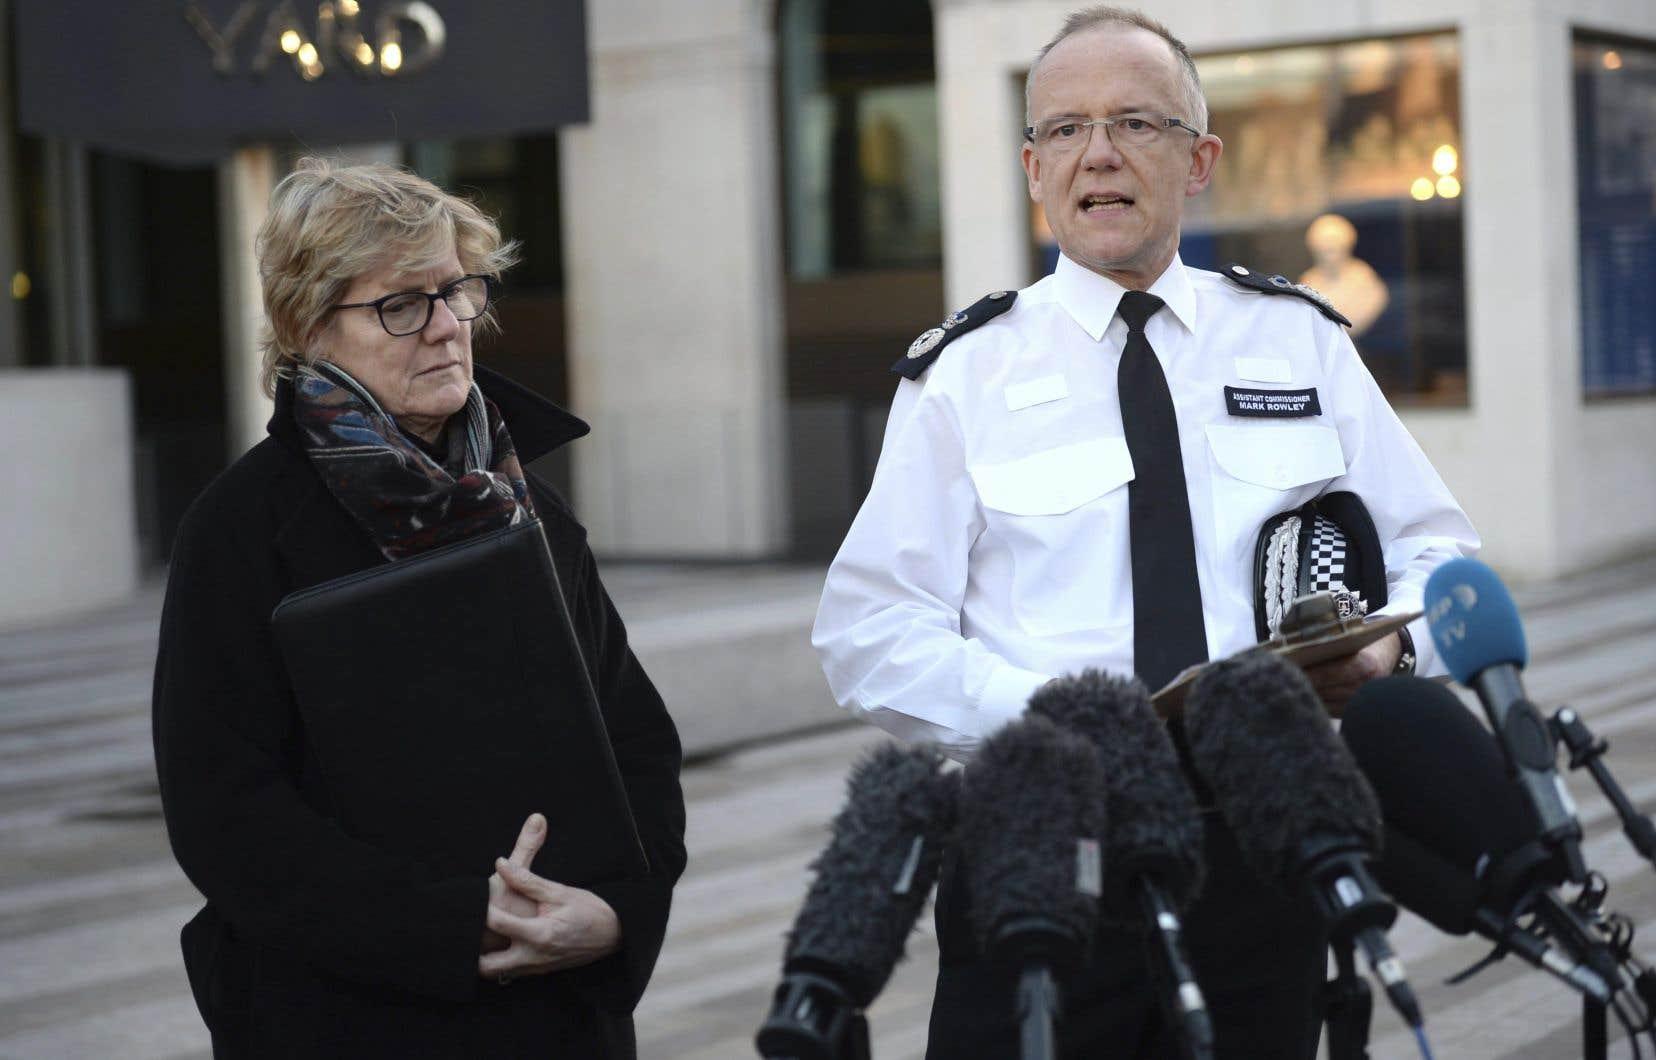 Point de presse du chef de la police antiterroriste Mark Rowley, accompagné du docteur Sally Davies, devant le siège de Scotland Yard à Londres